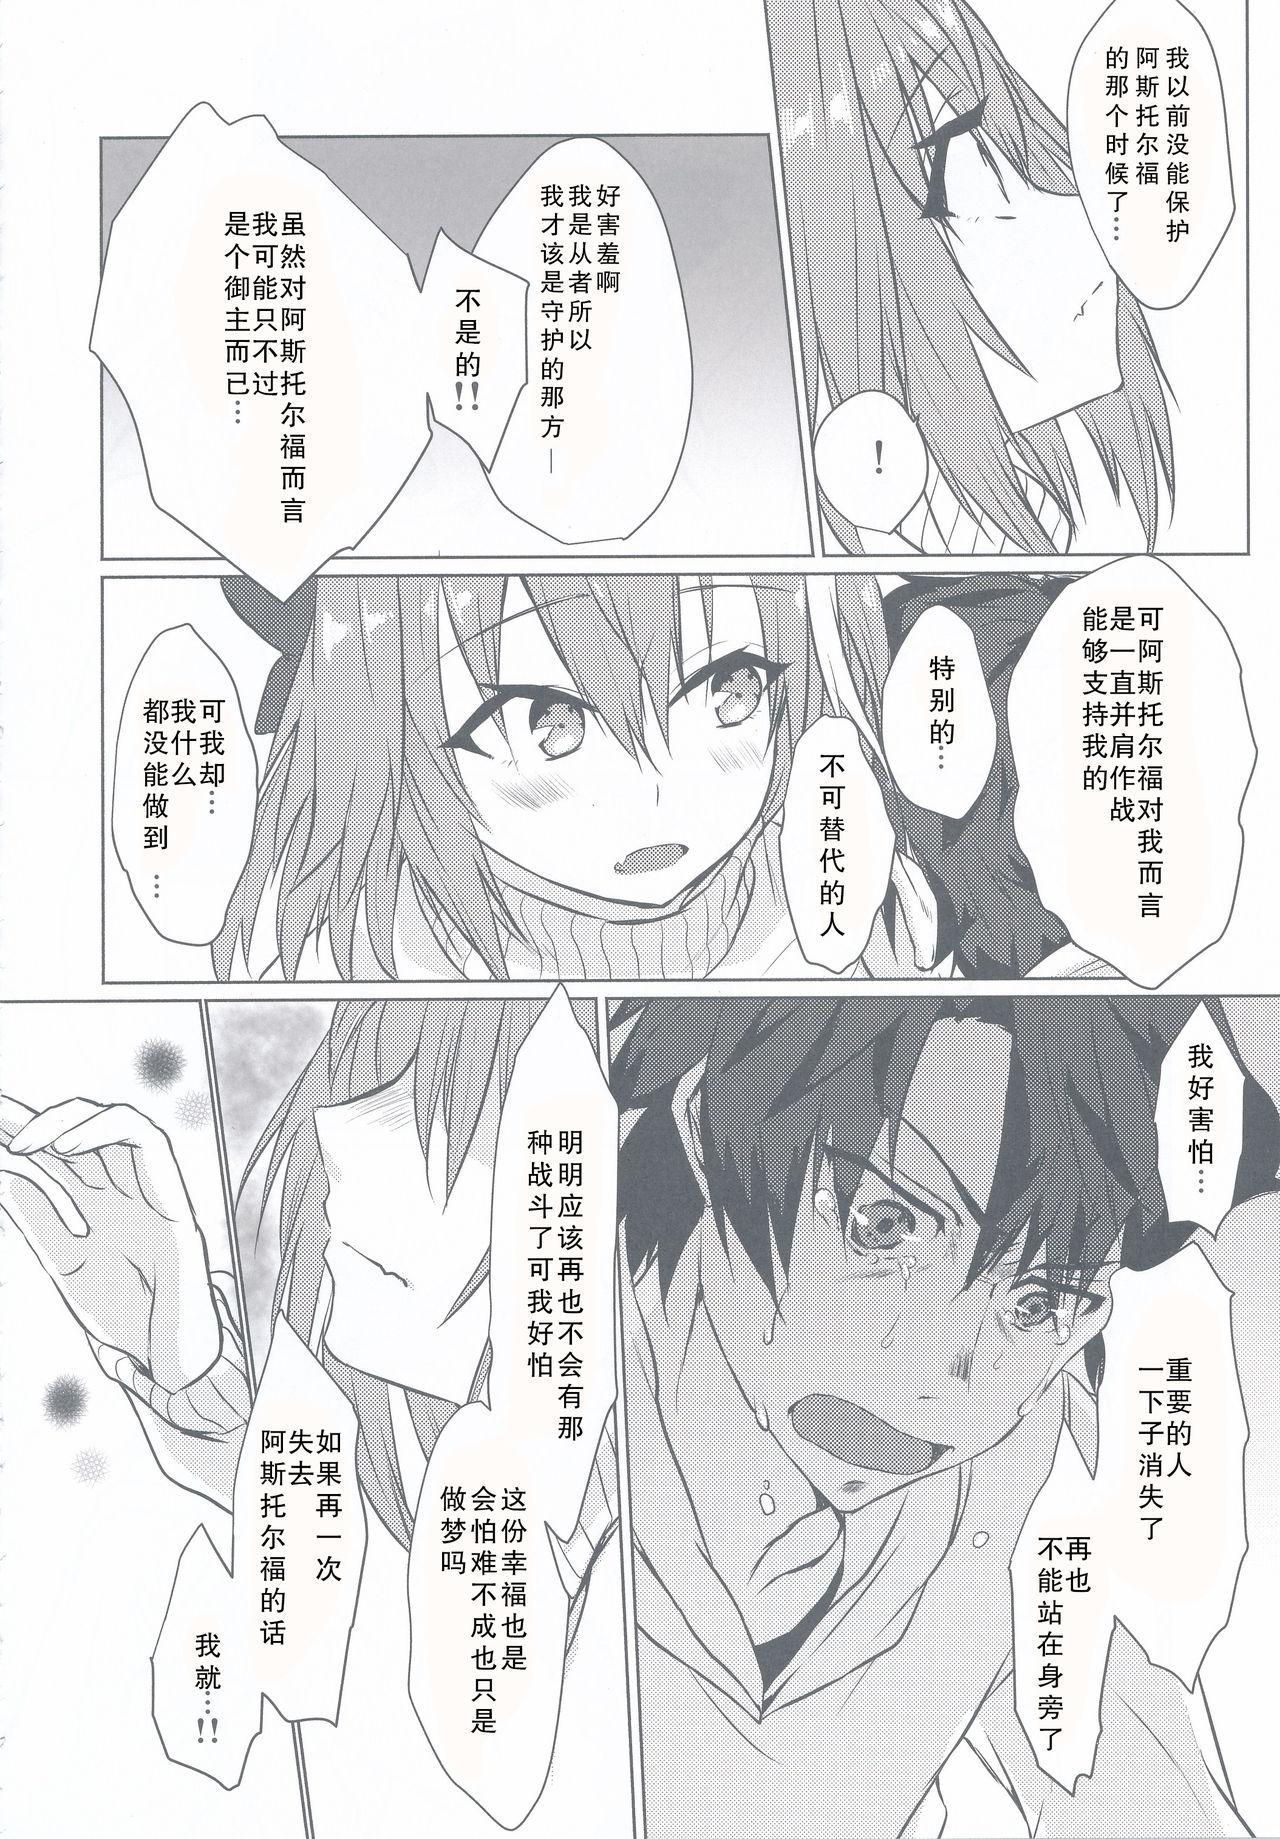 Astolfo-kun to Nenmatsu ni Ichaicha Sugosu Hon 15